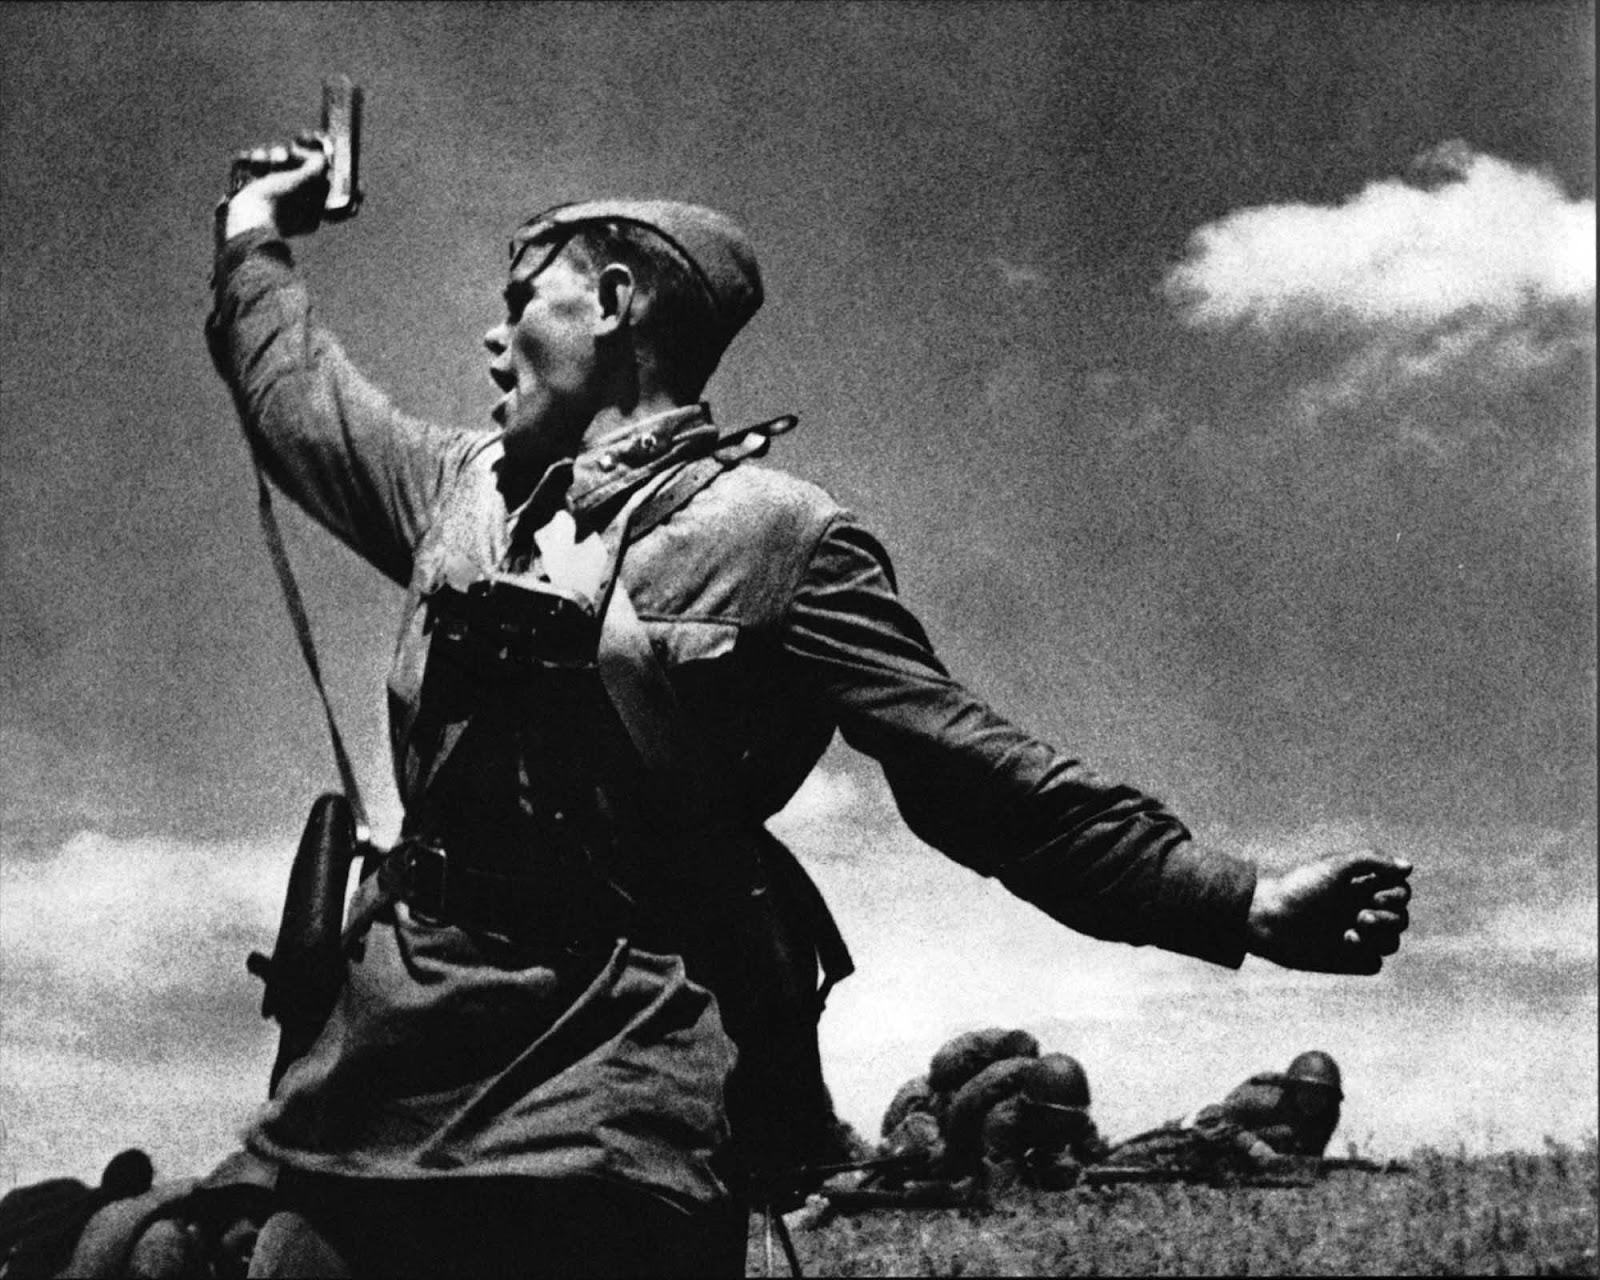 El comisario político Alexey Yeremenko lleva a sus hombres al combate, fue asesinado minutos después de que se tomó esta foto, 1942.